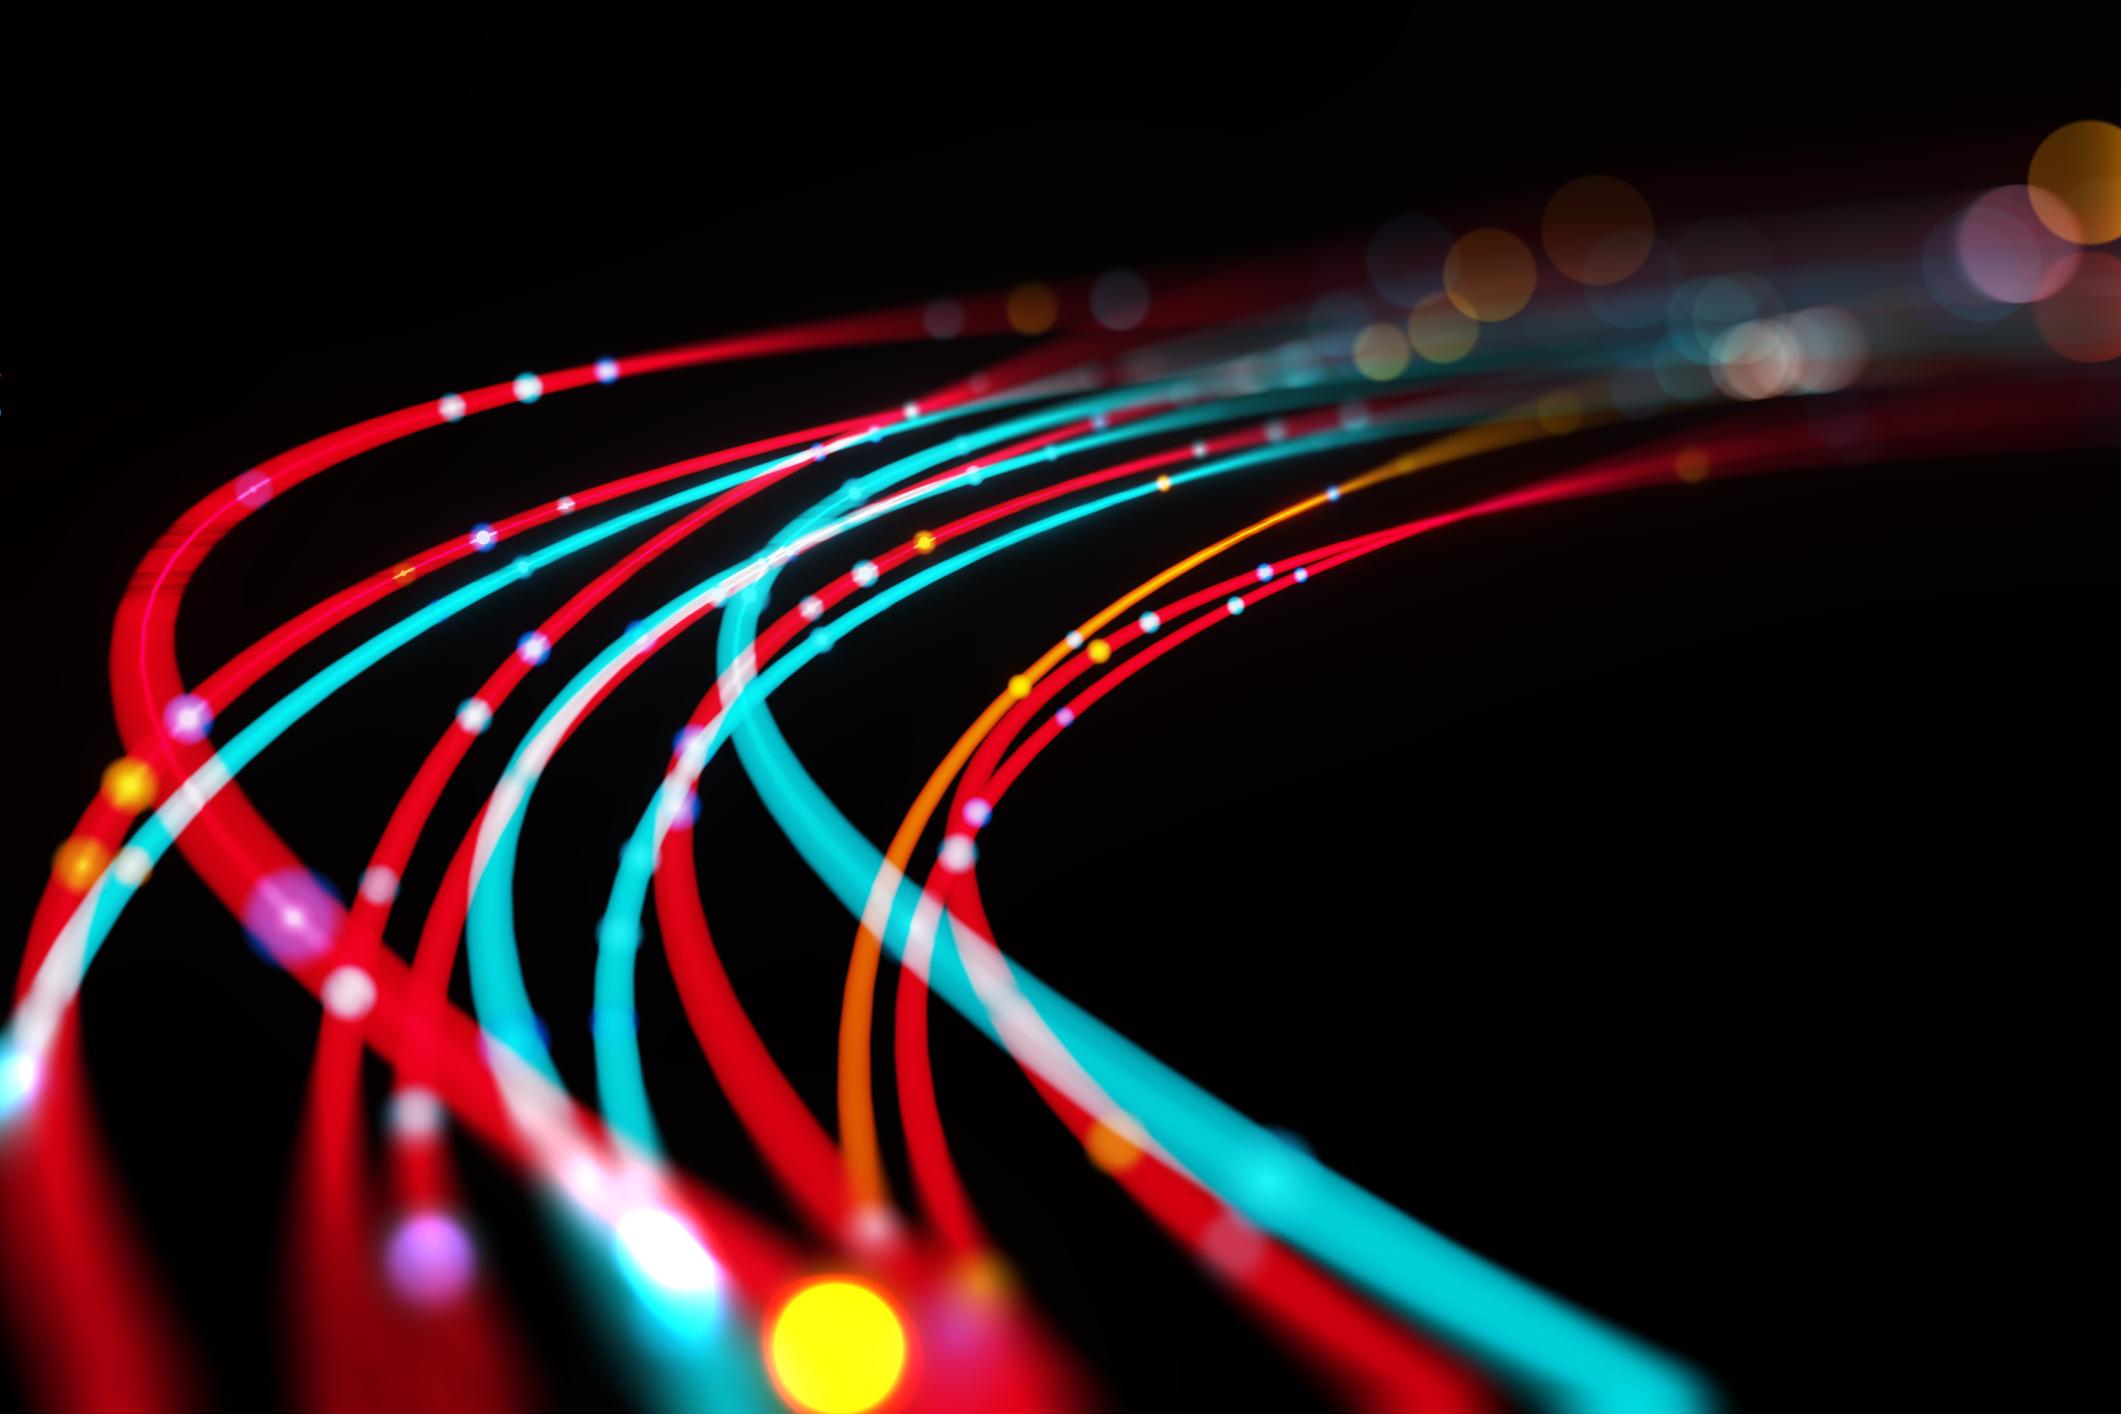 Immagine fibra ottica